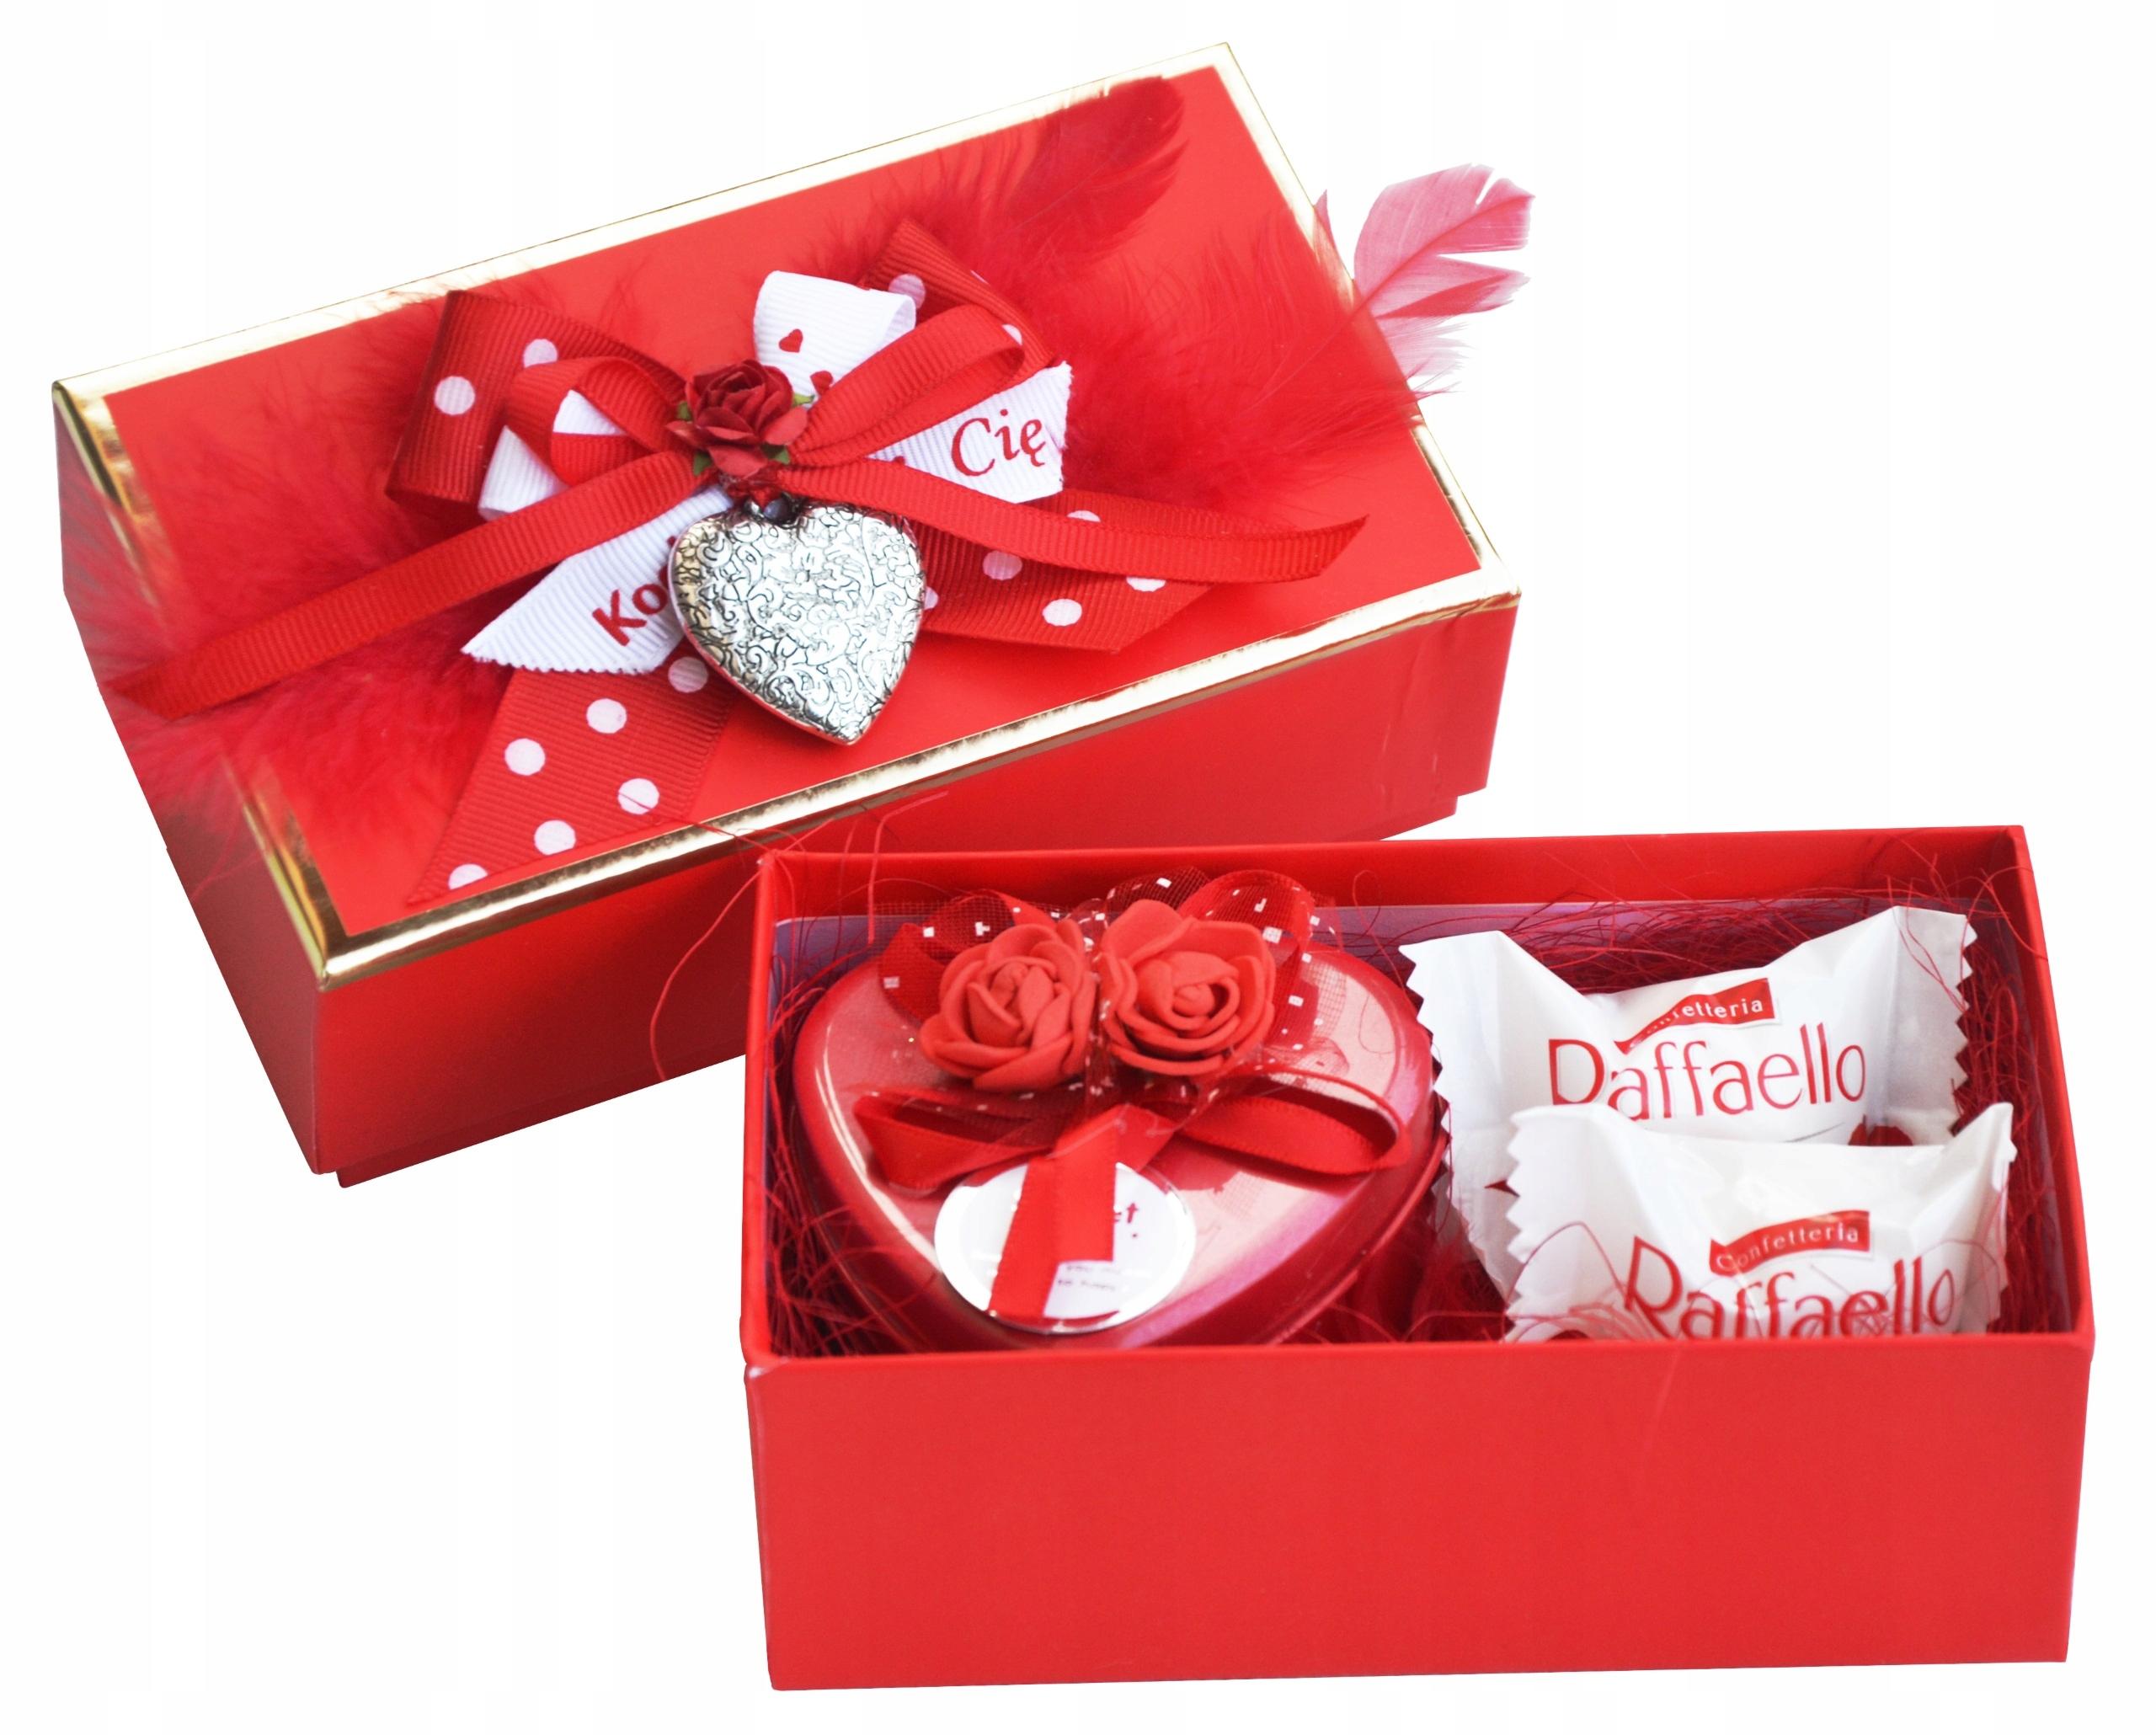 Piekny Prezent Na Walentynki Dla Dziewczyny Zony 8902003741 Allegro Pl